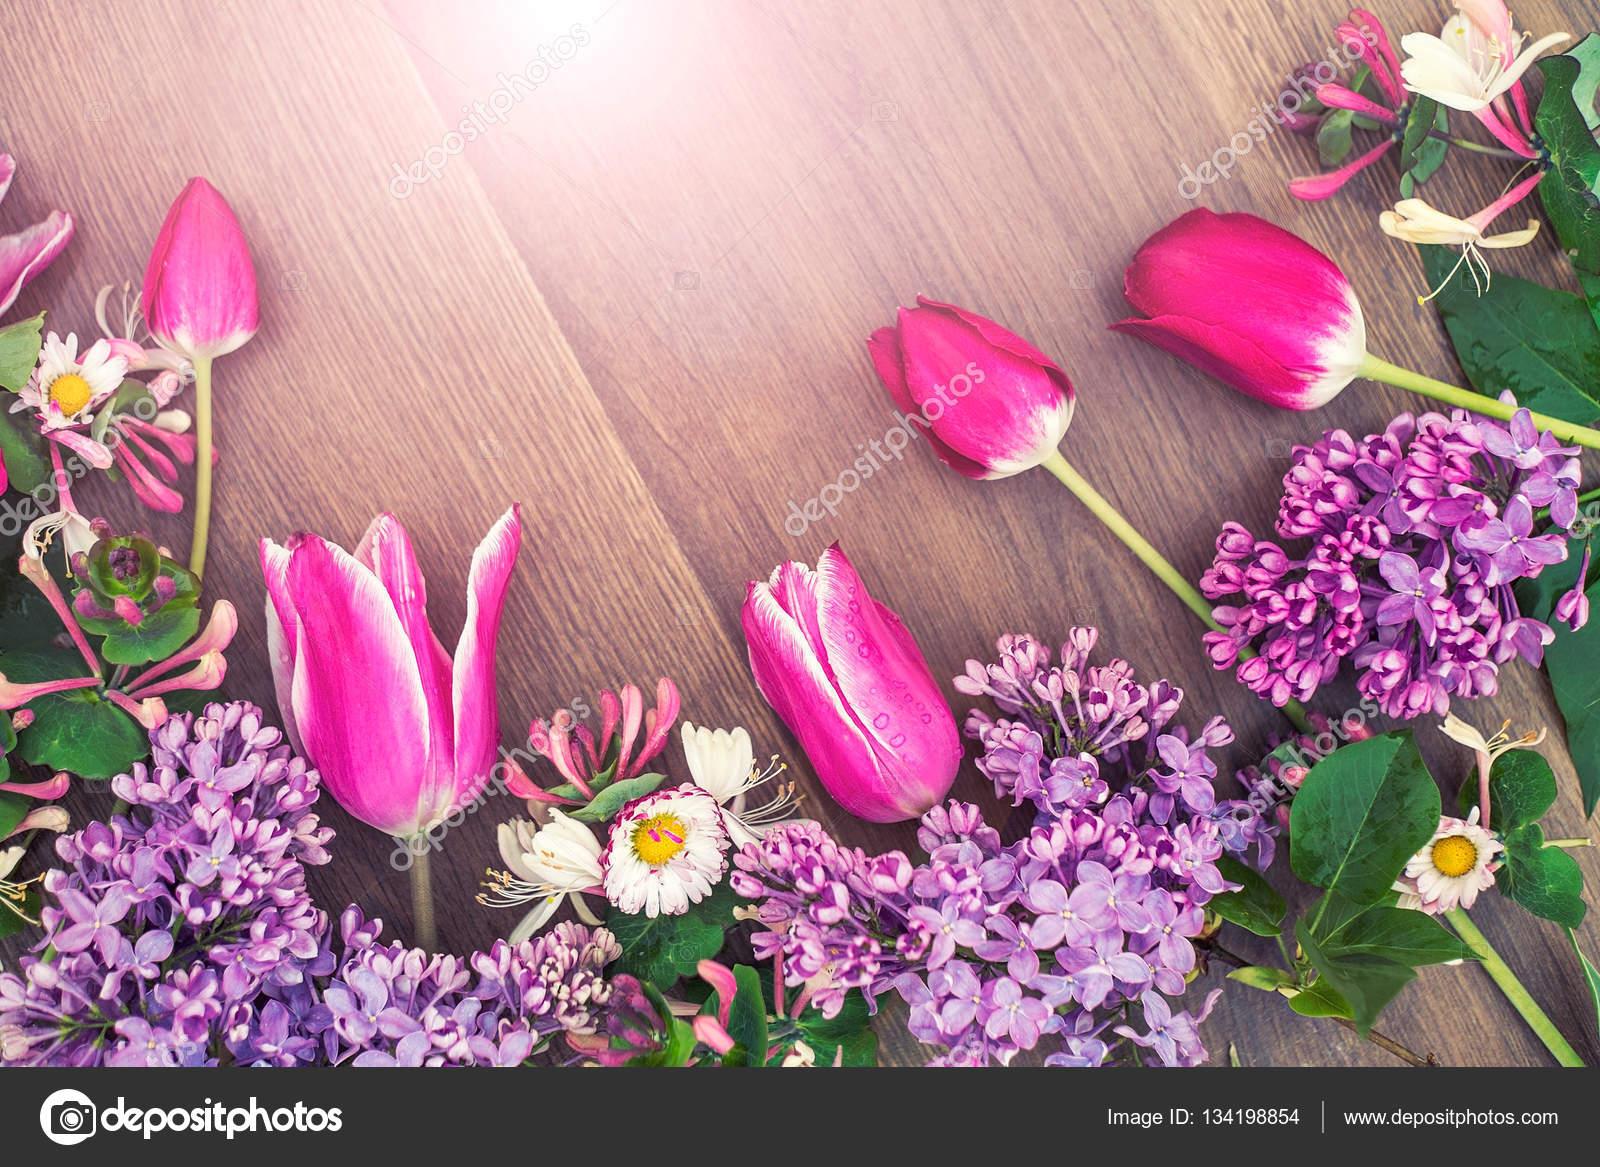 Fotos Mujeres Y Flores Flores Sobre Un Fondo De Madera Un Regalo